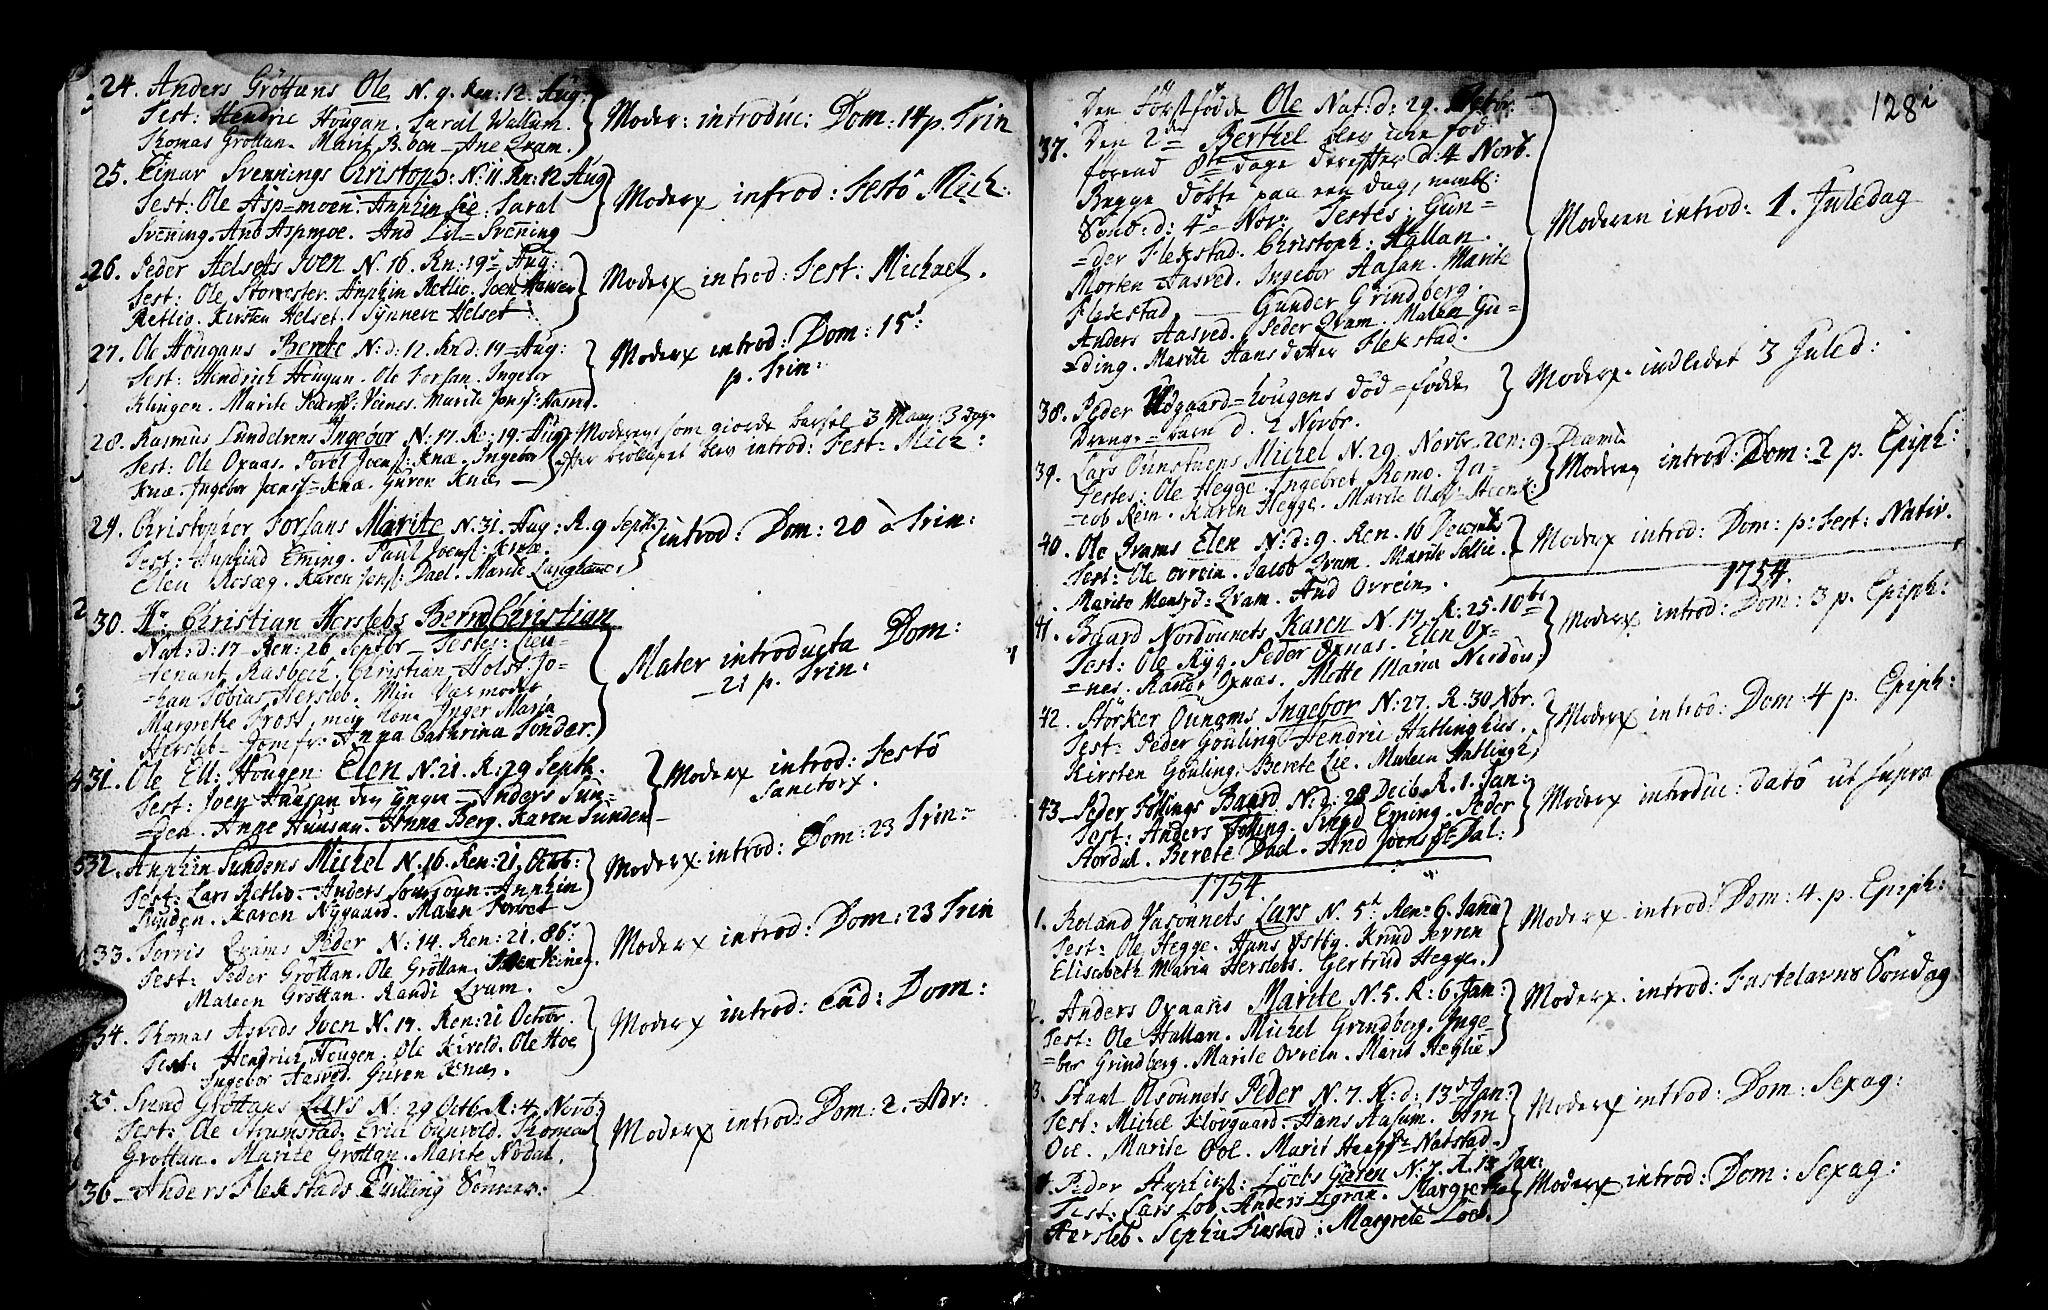 SAT, Ministerialprotokoller, klokkerbøker og fødselsregistre - Nord-Trøndelag, 746/L0439: Ministerialbok nr. 746A01, 1688-1759, s. 128i